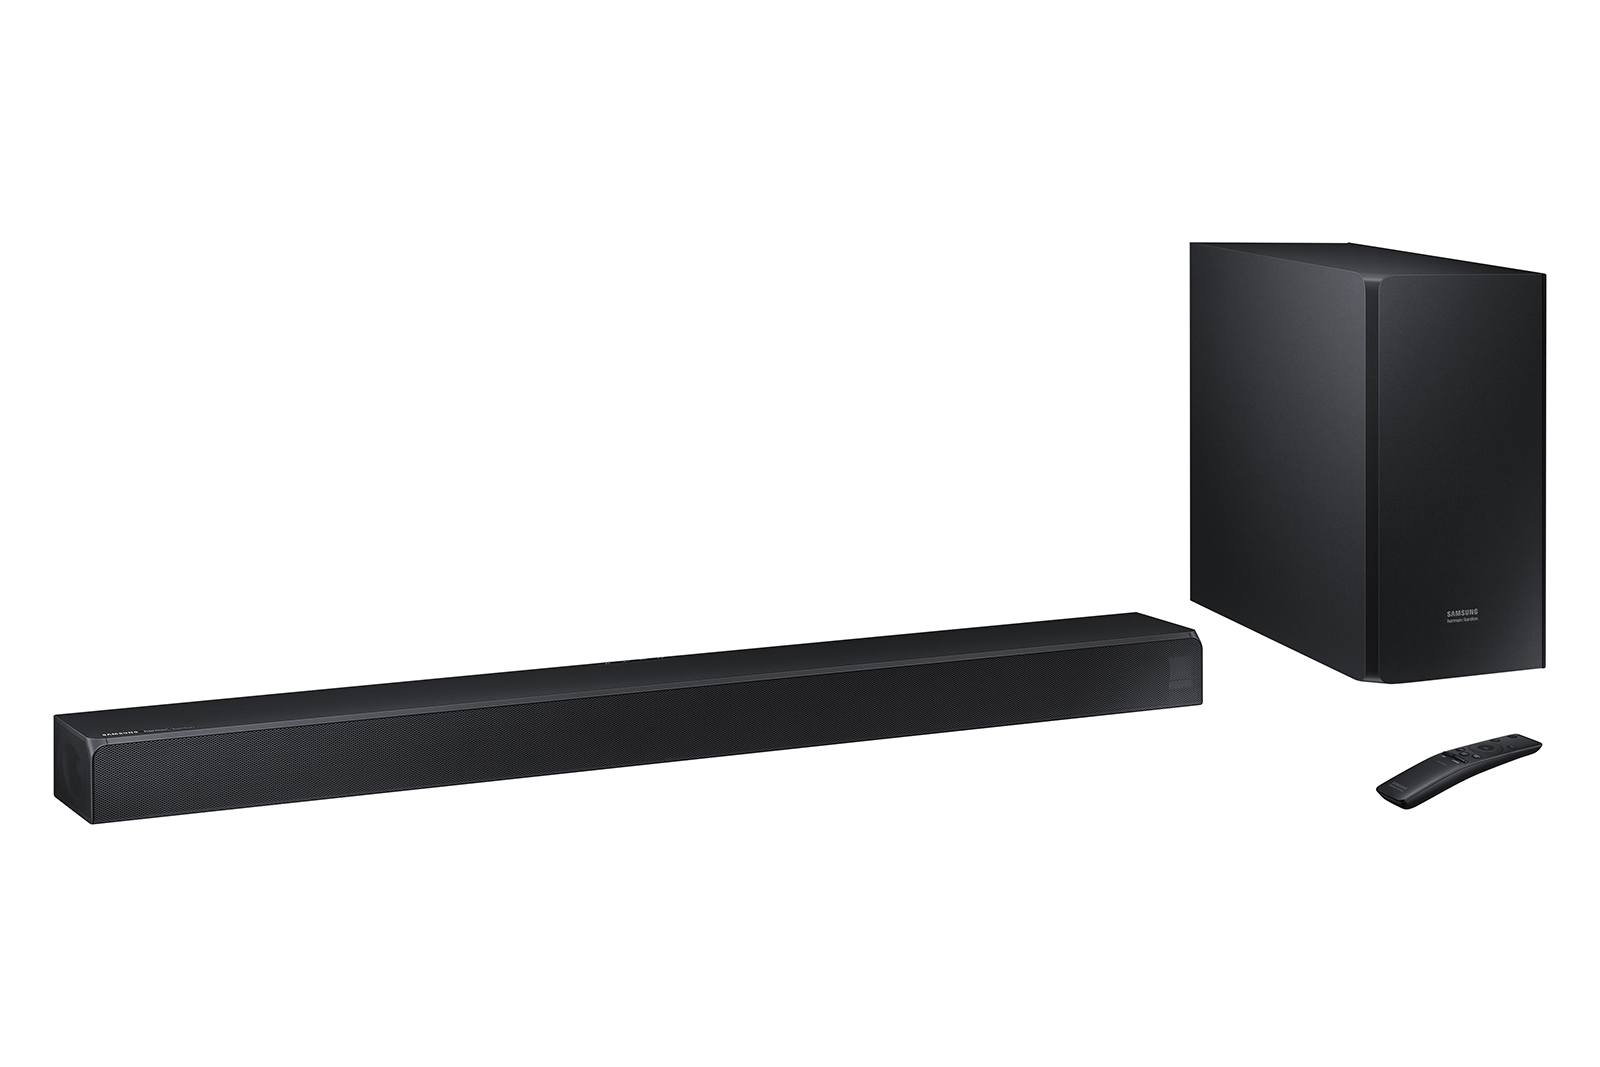 HW-N850 Samsung Harman Kardon Soundbar with Dolby Atmos Home Theater -  HW-N850/ZA | Samsung US